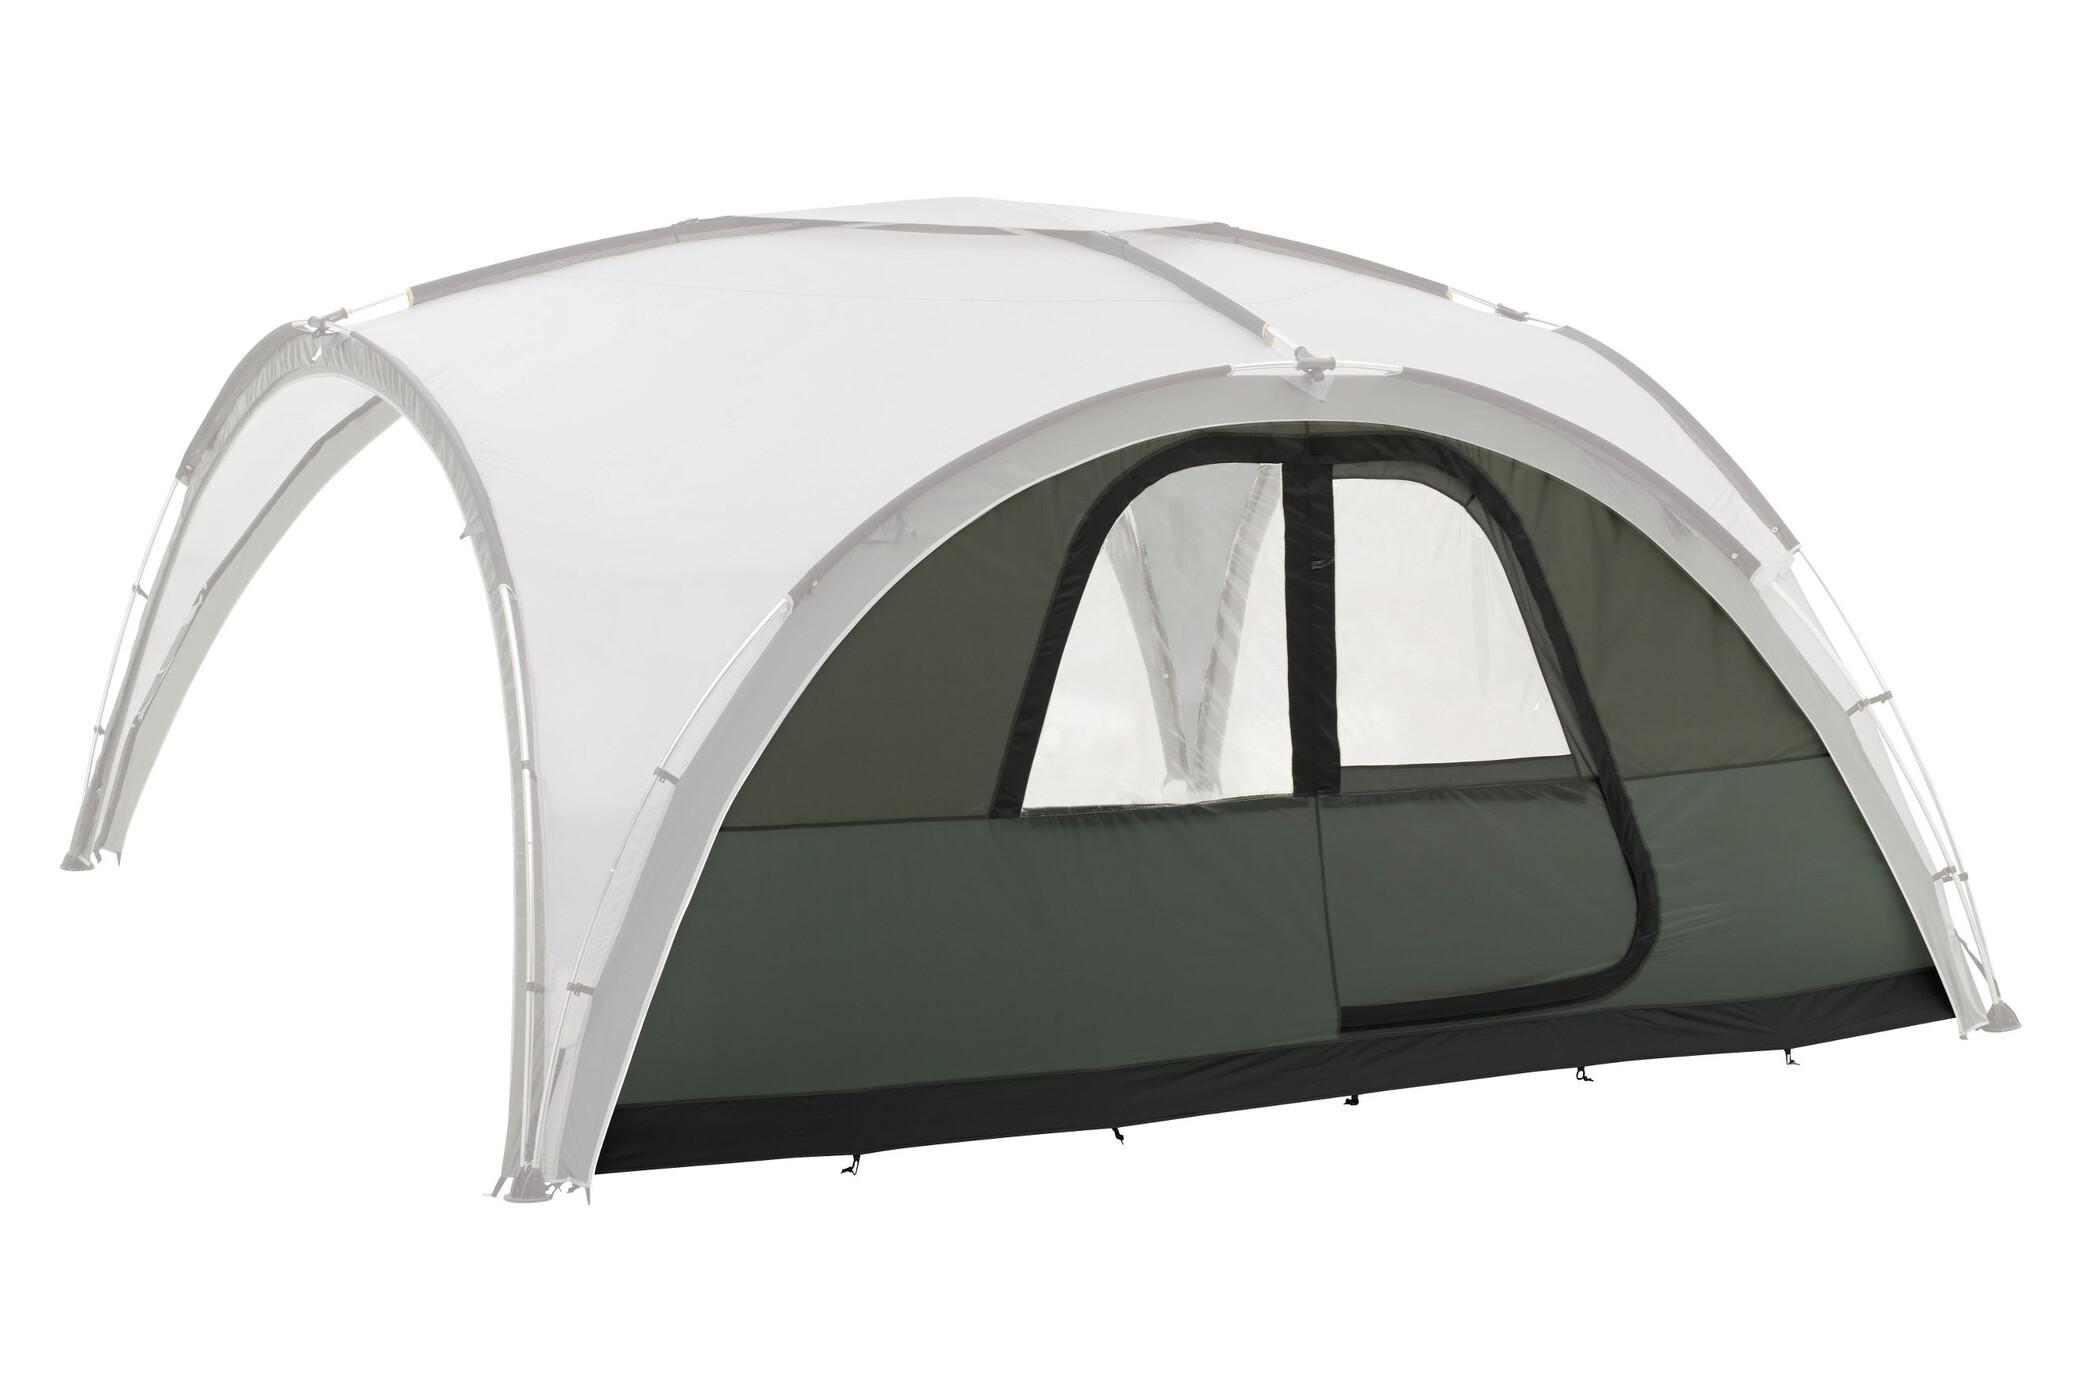 Klettergurt Gelbox : Https: www.campz.ch camping haushalt coghlans